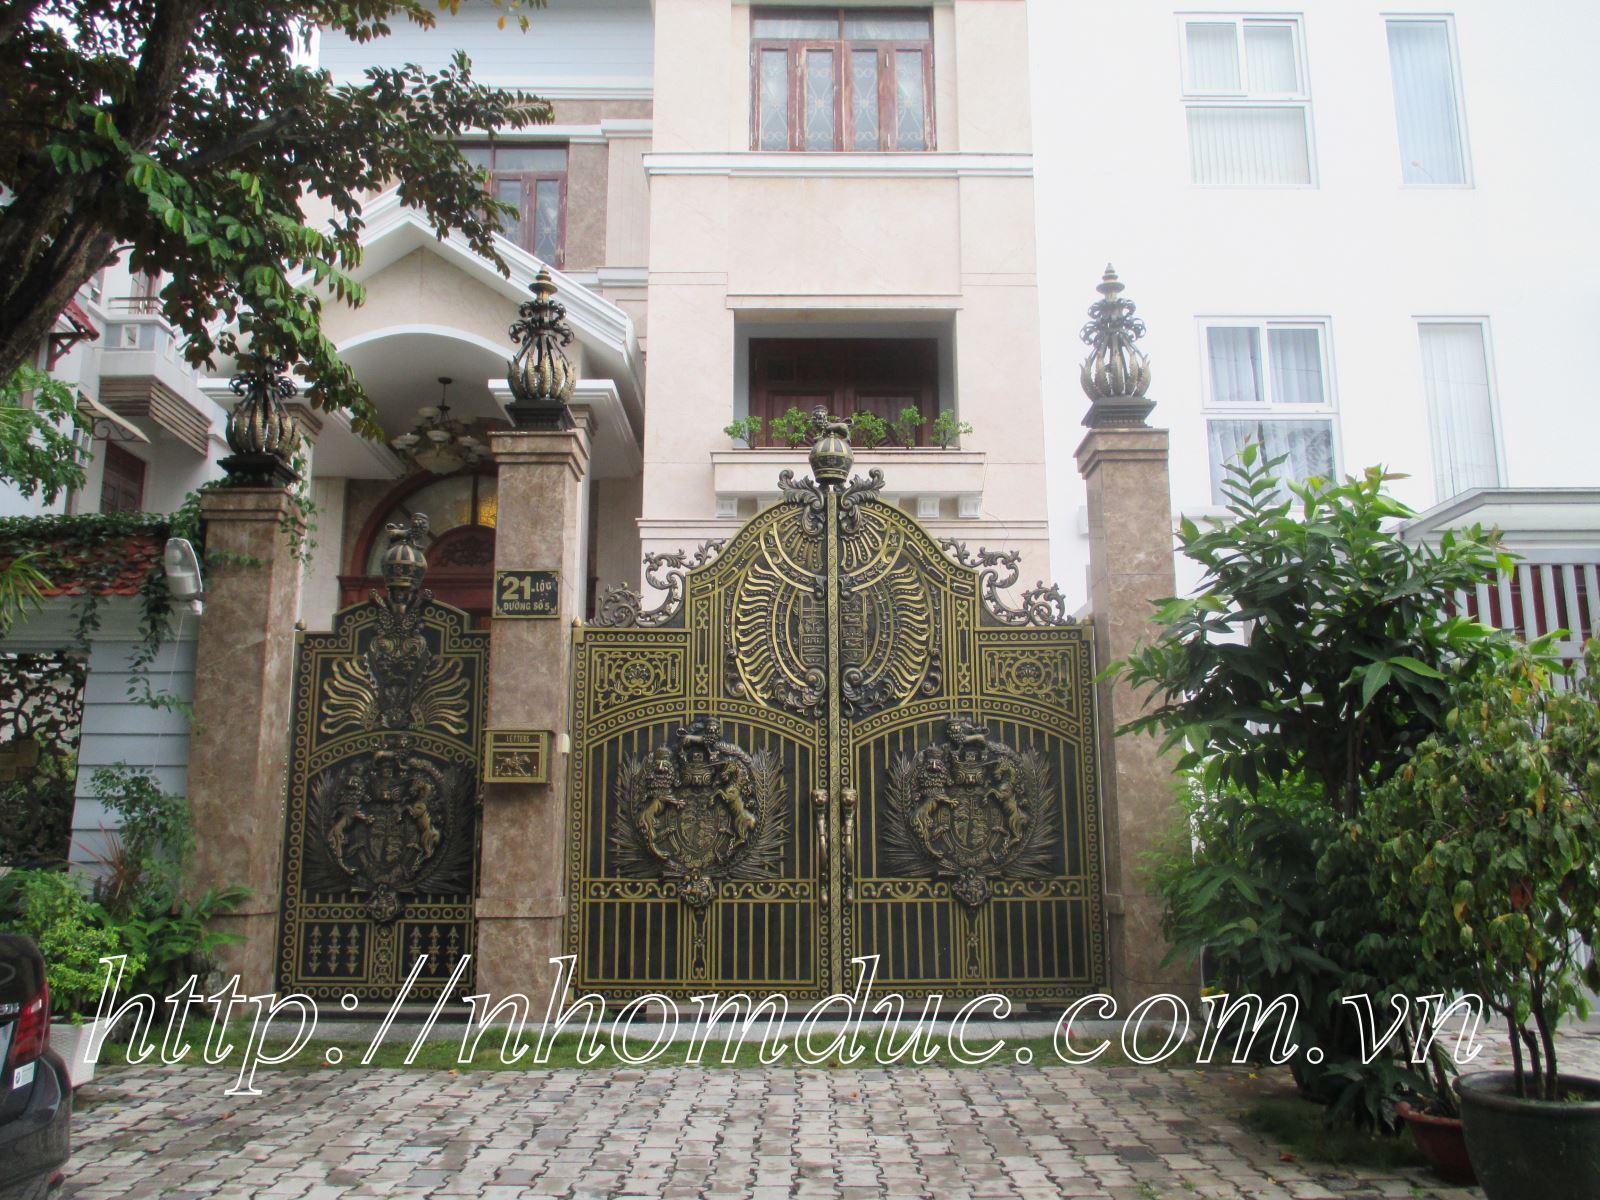 Cổng biệt thự nhôm đúc xu hướng 2018, Cổng nhôm đúc đẹp, các mẫu cổng nhôm đúc đẹp Fuco được khách hàng sử dụng 2017 và năm 2018 tại Việt Nam